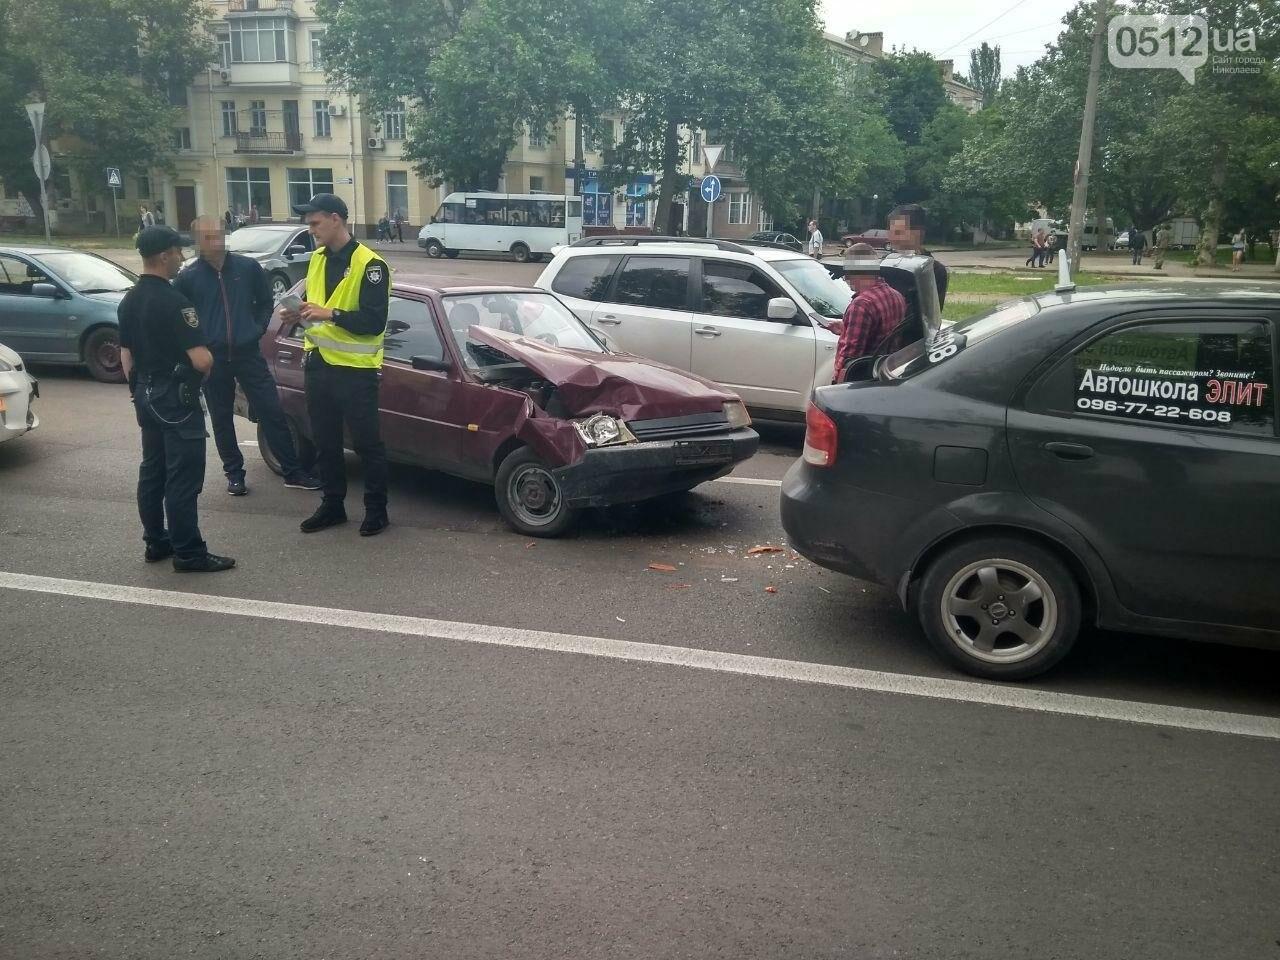 В центре Николаева произошла авария с участием автомобиля автошколы, - ФОТО, фото-2